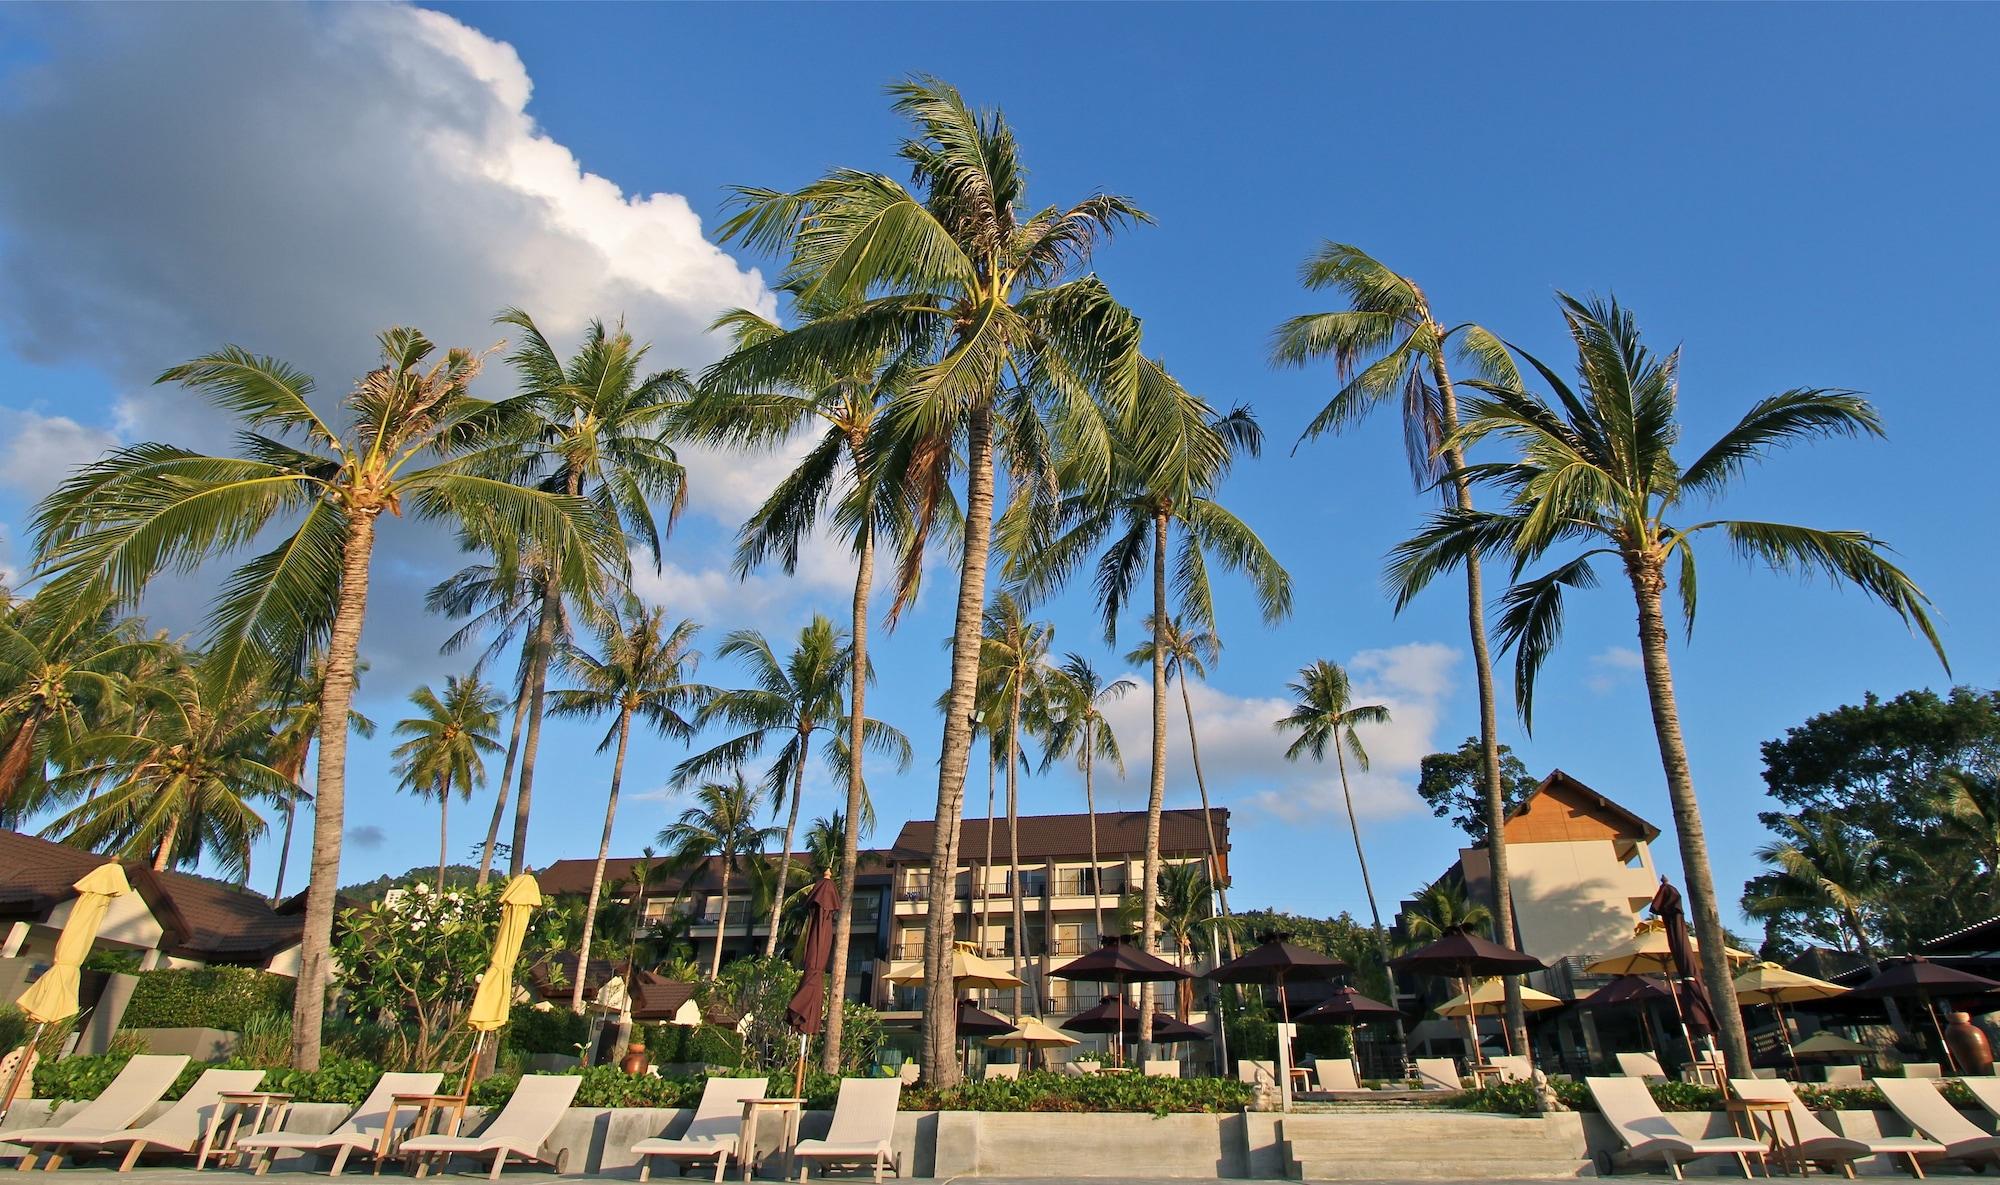 Mercure Koh Samui Beach Resort, Ko Samui